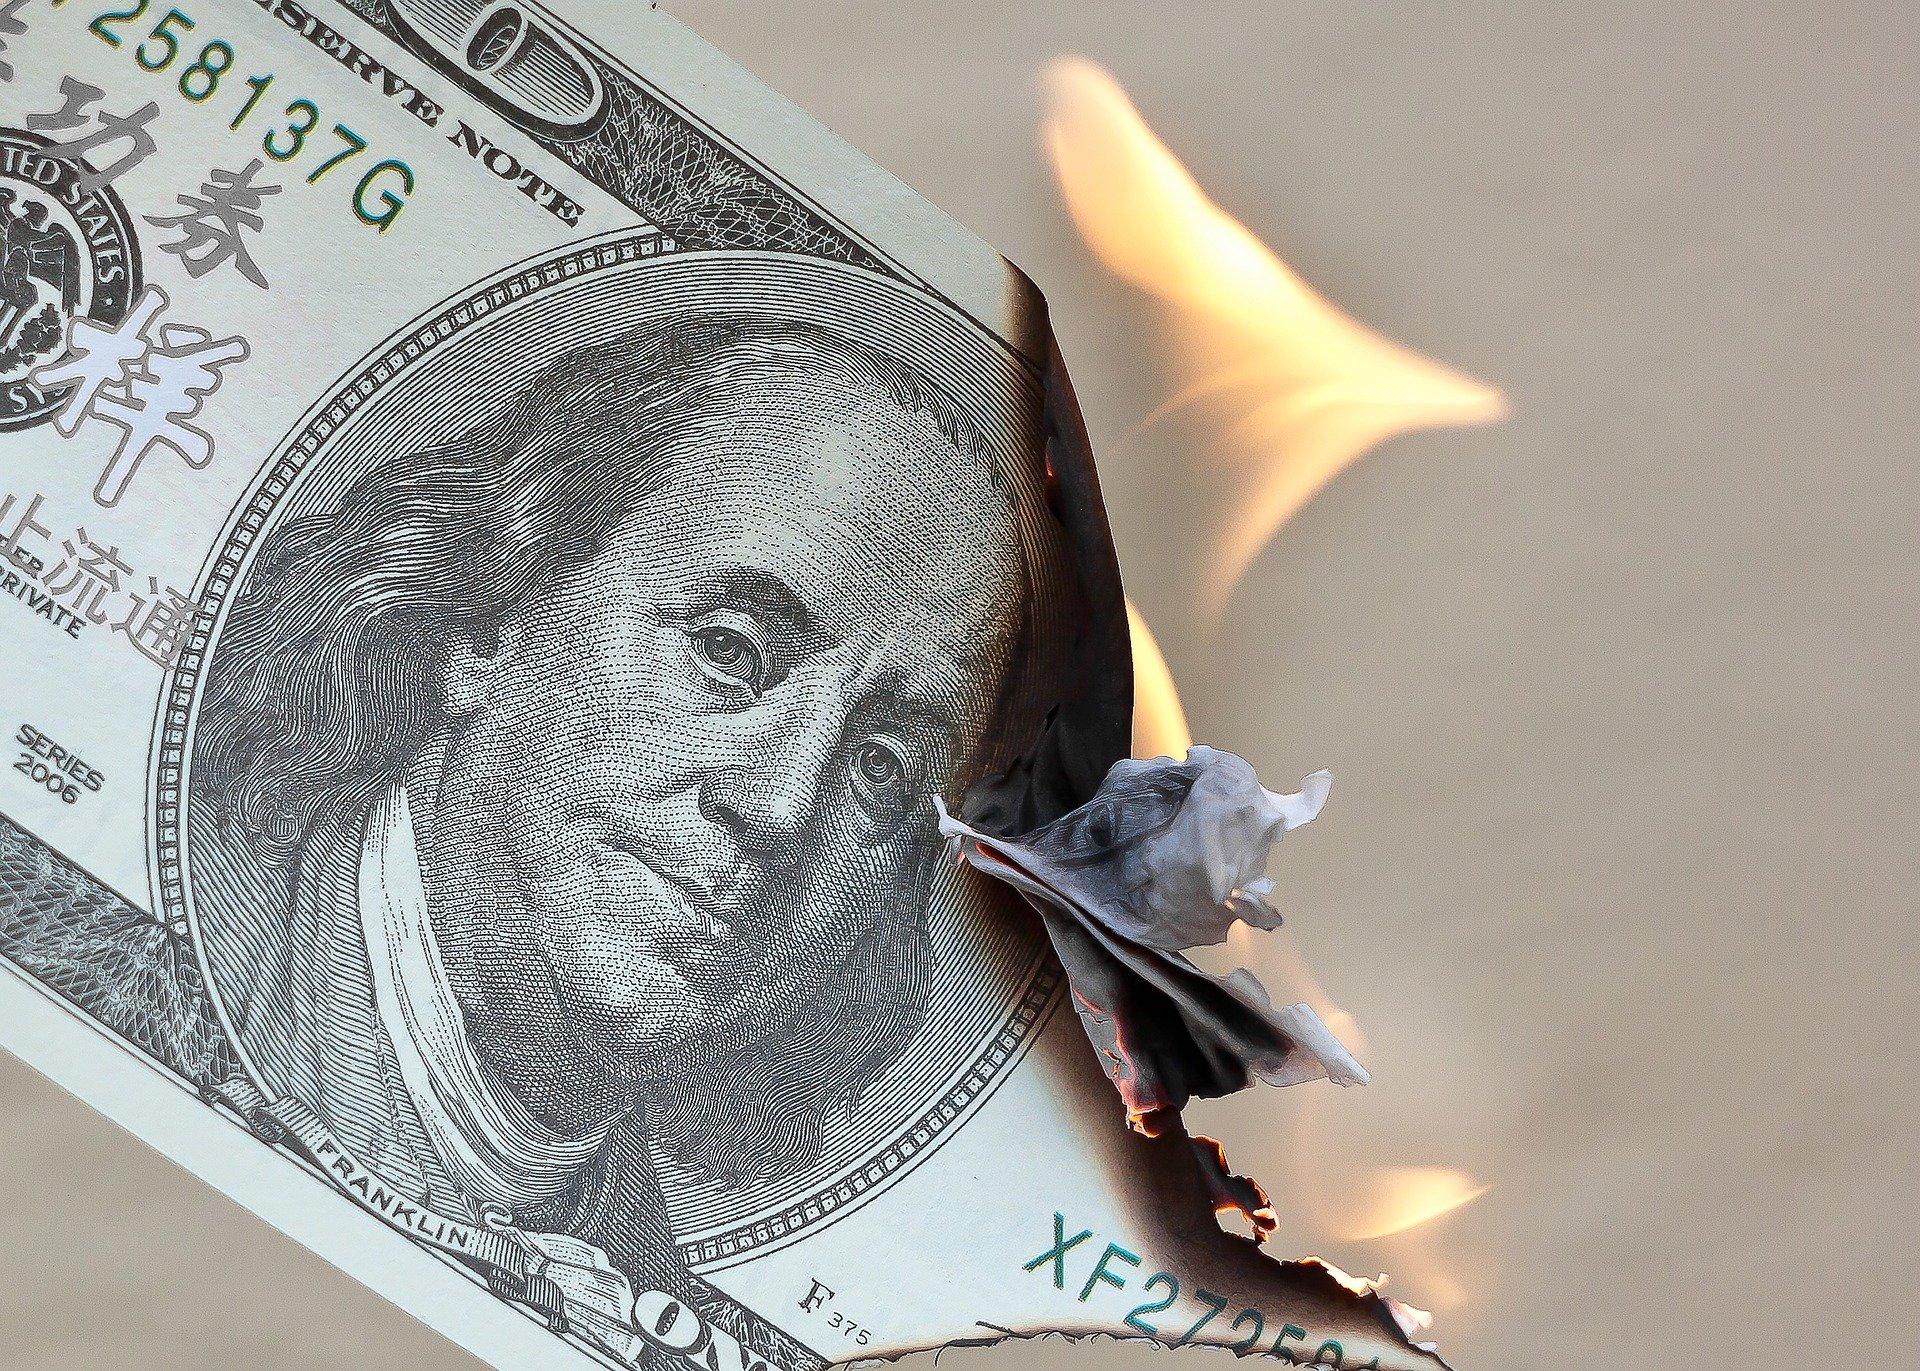 Inflacja to rzeczywisty problem ludzi i zbawienie rządów z zadłużeniowej spirali.